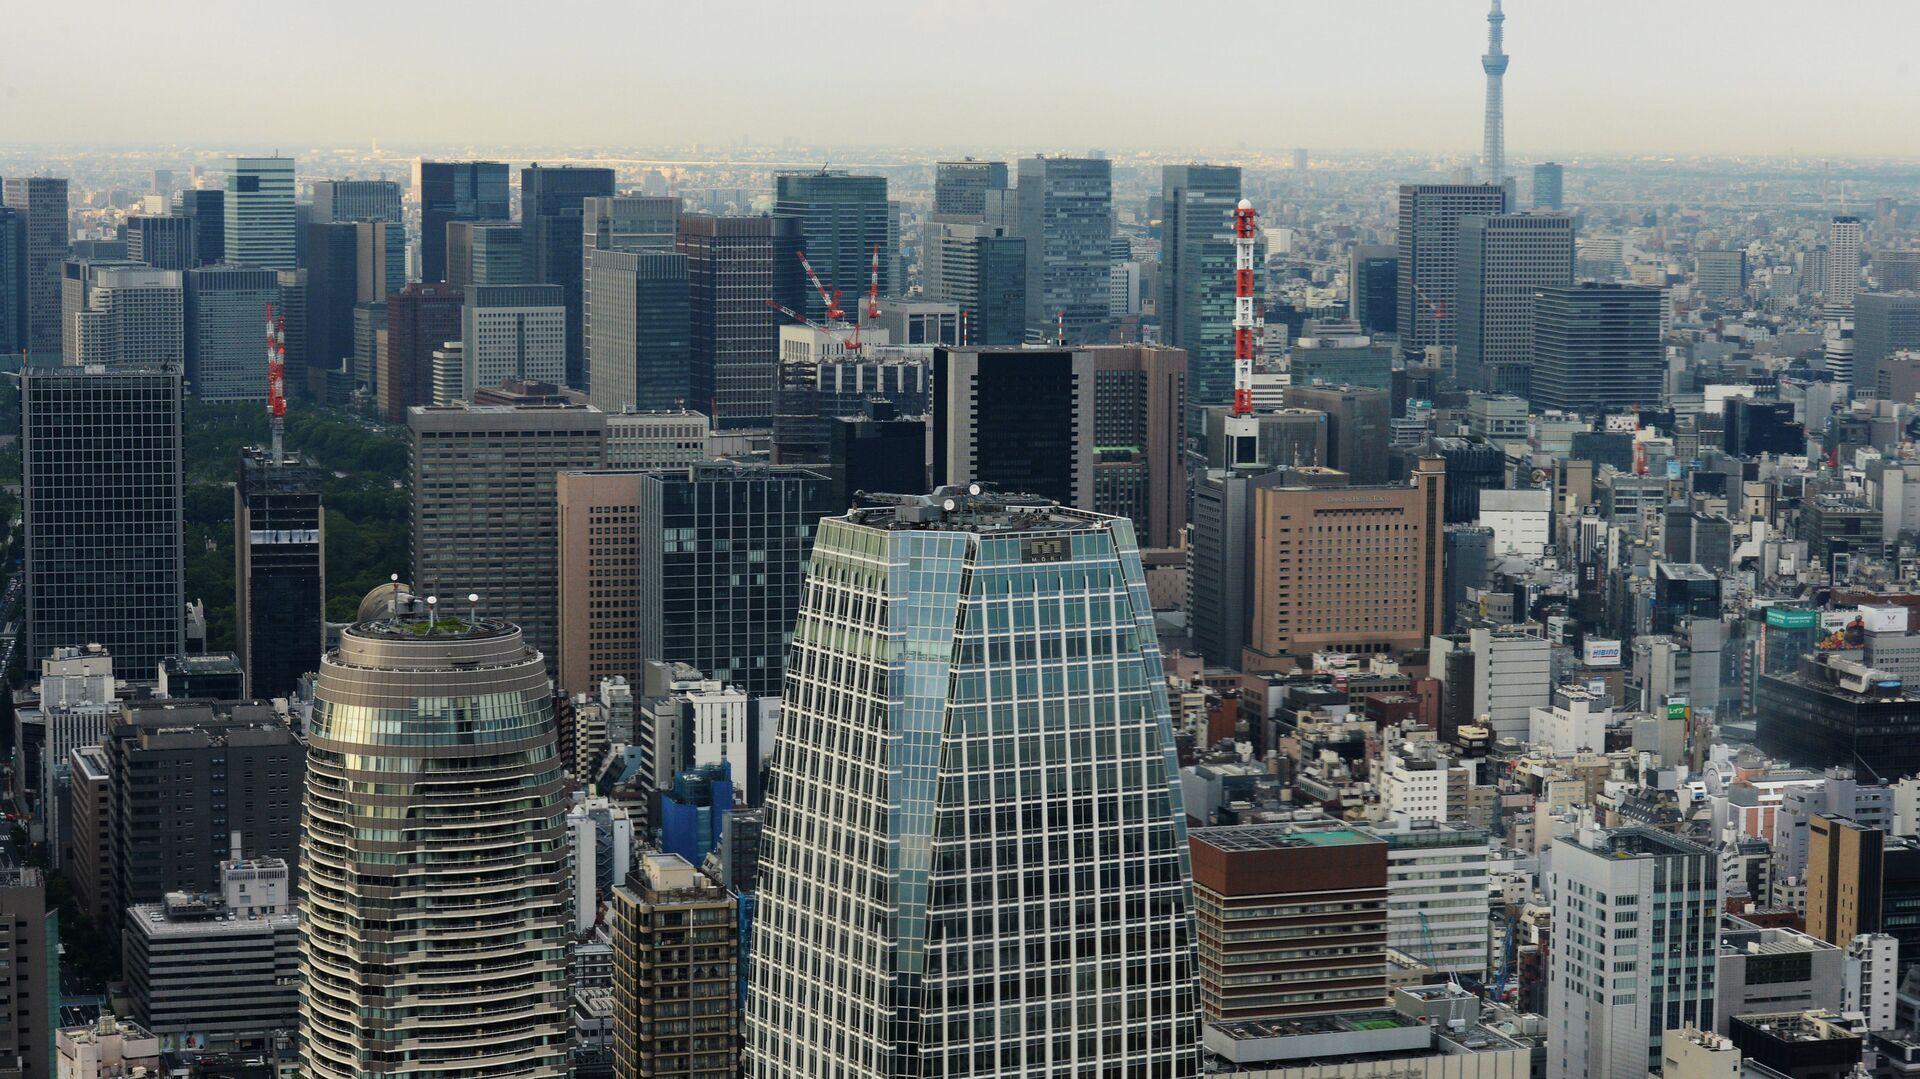 Panorama Tokija, glavnog grada jedne od najvećih ekonomskih sila sveta. - Sputnik Srbija, 1920, 07.10.2021